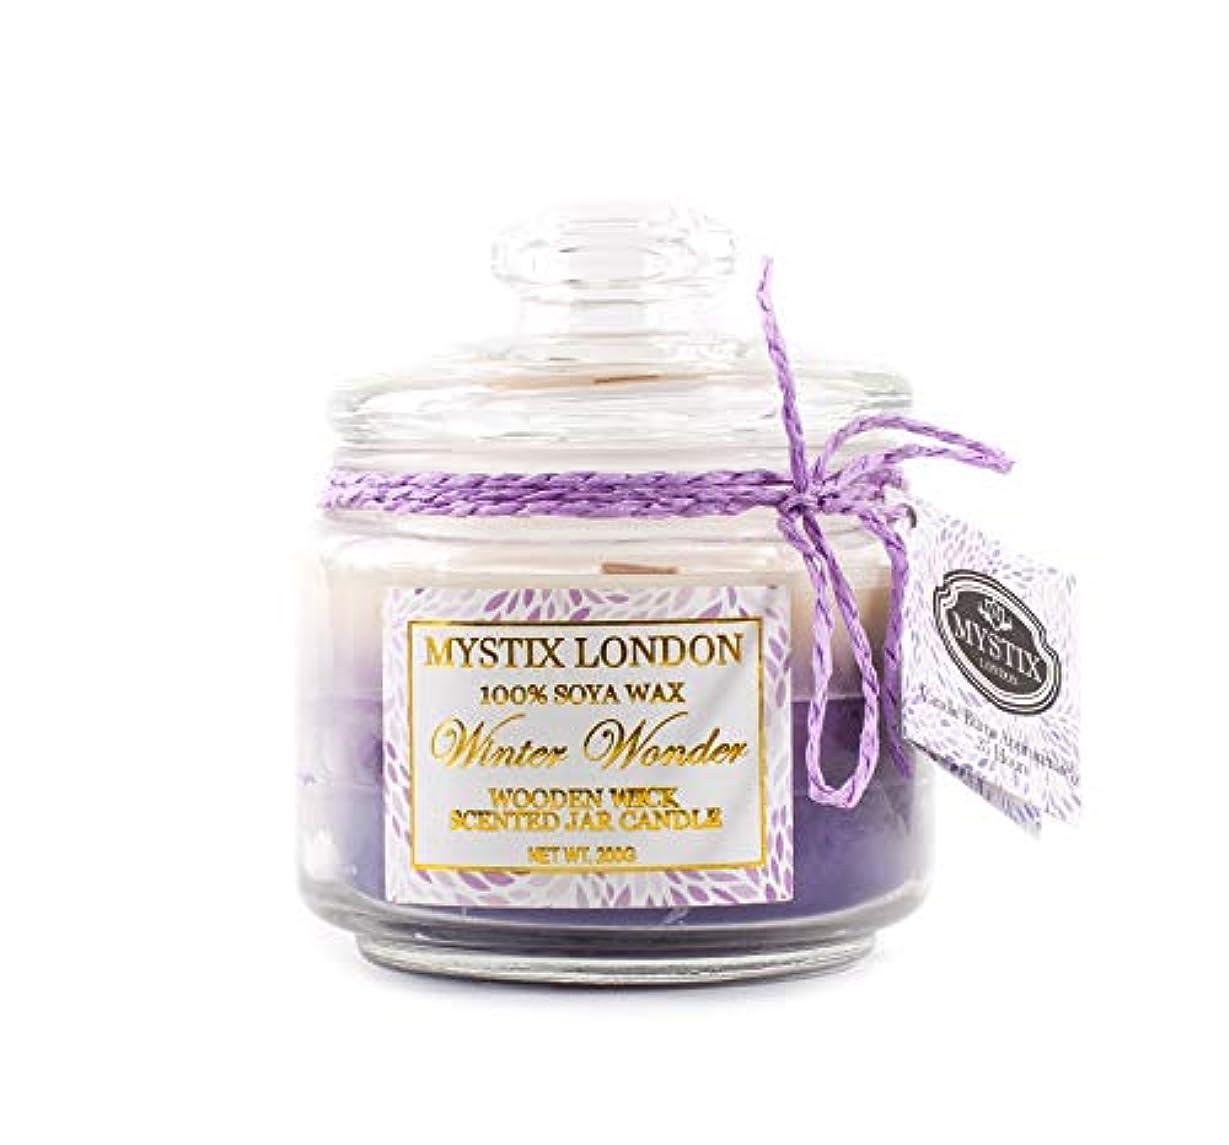 ニコチン組ページェントMystix London | Winter Wonder Wooden Wick Scented Jar Candle 200g